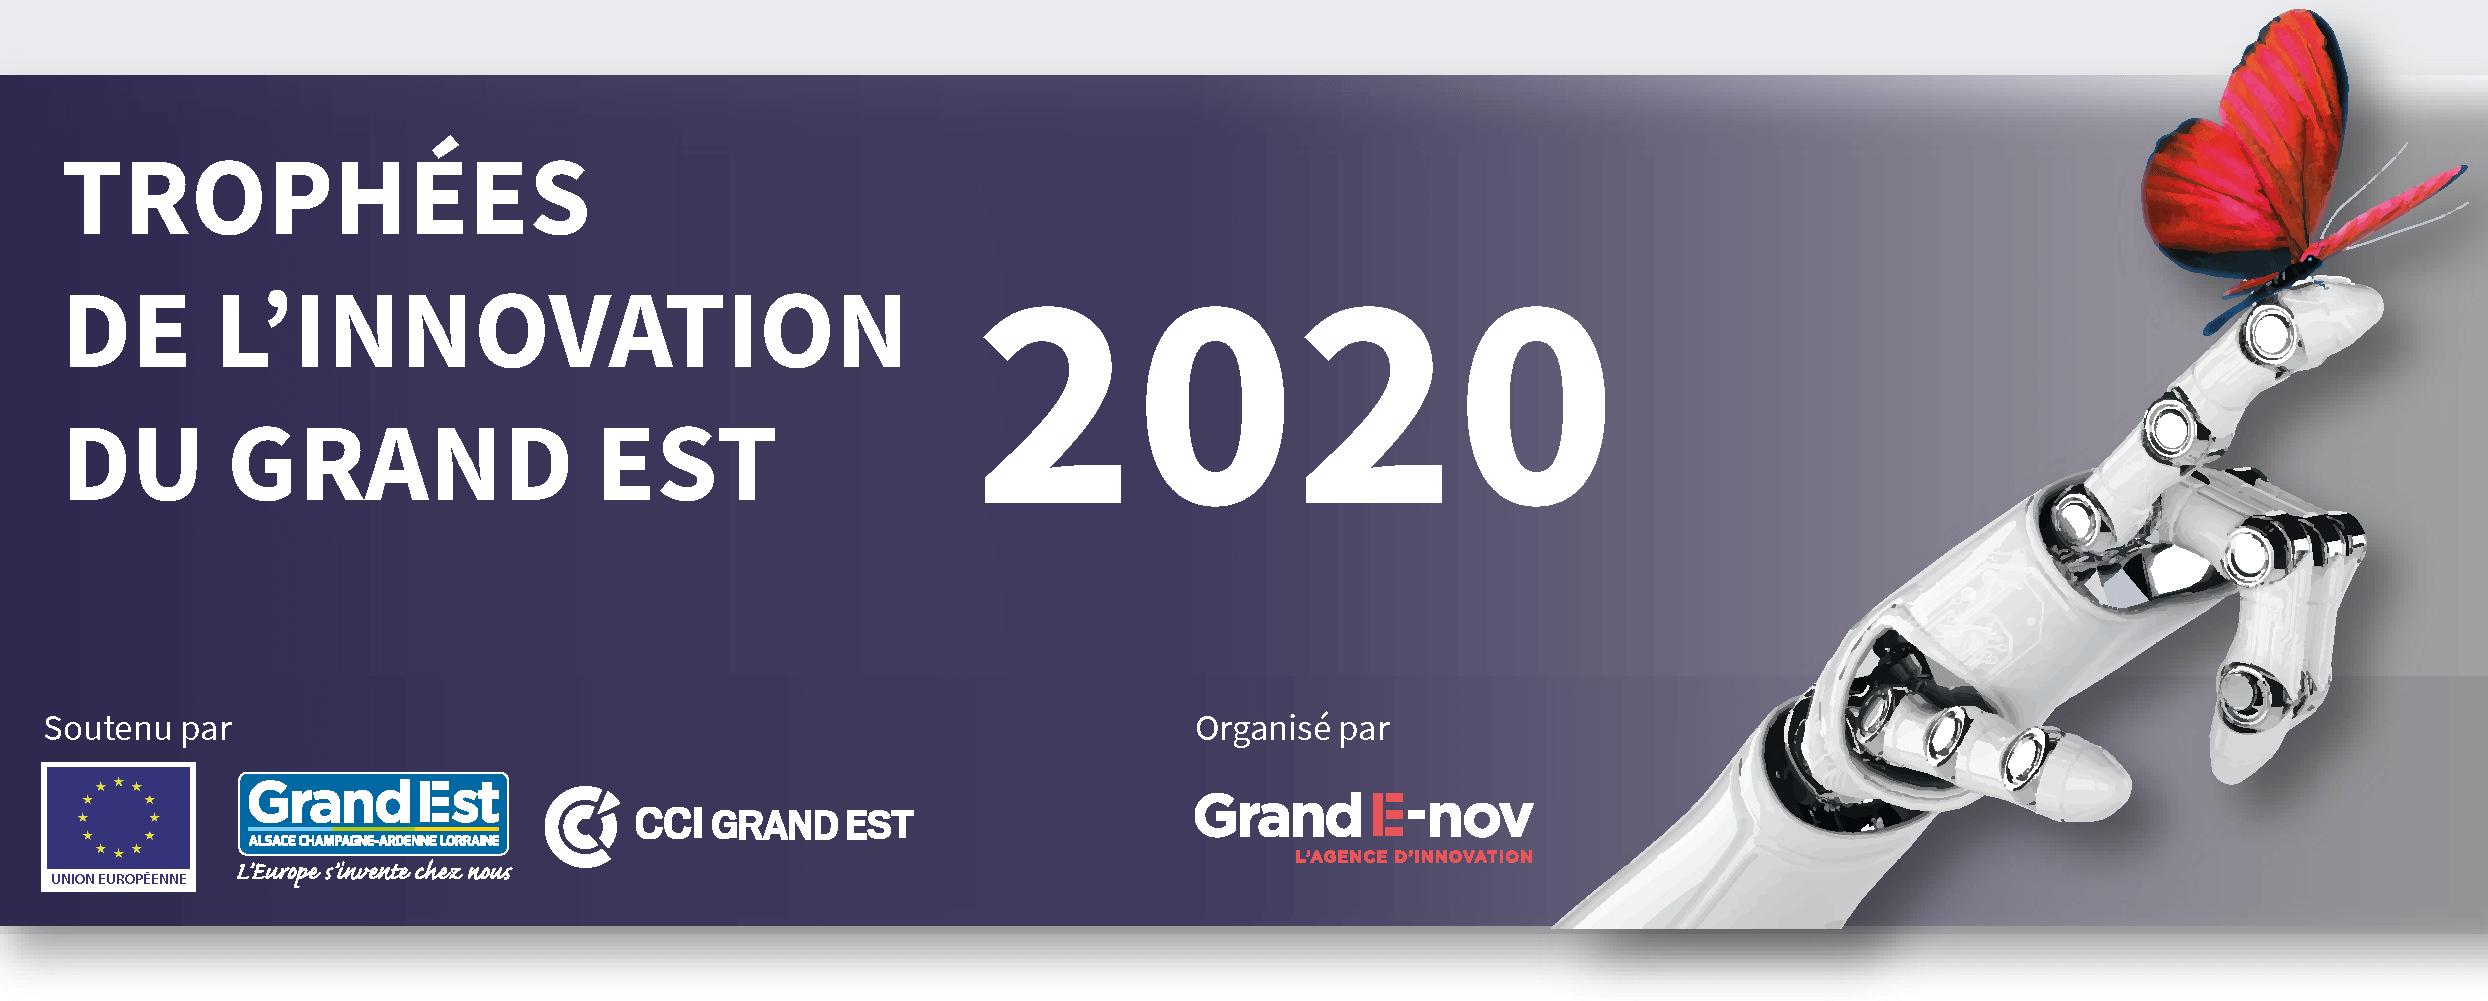 Trophées de l'Innovation du Grand Est